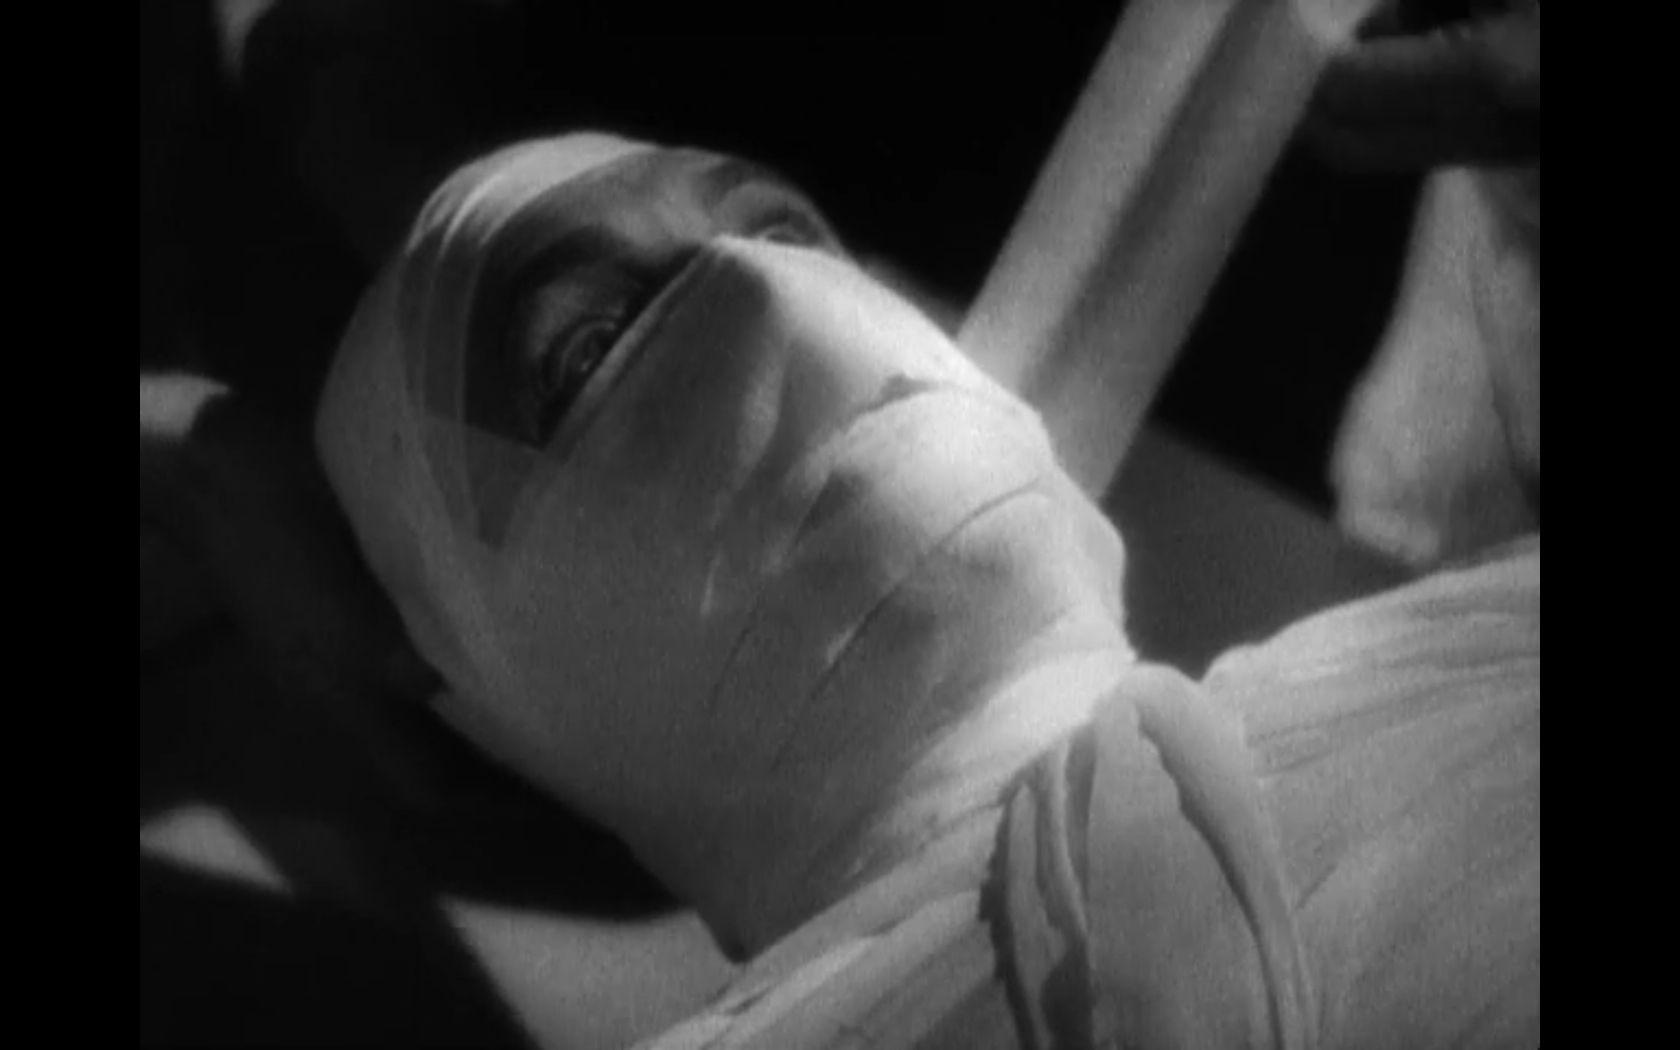 mummified alive the mummy